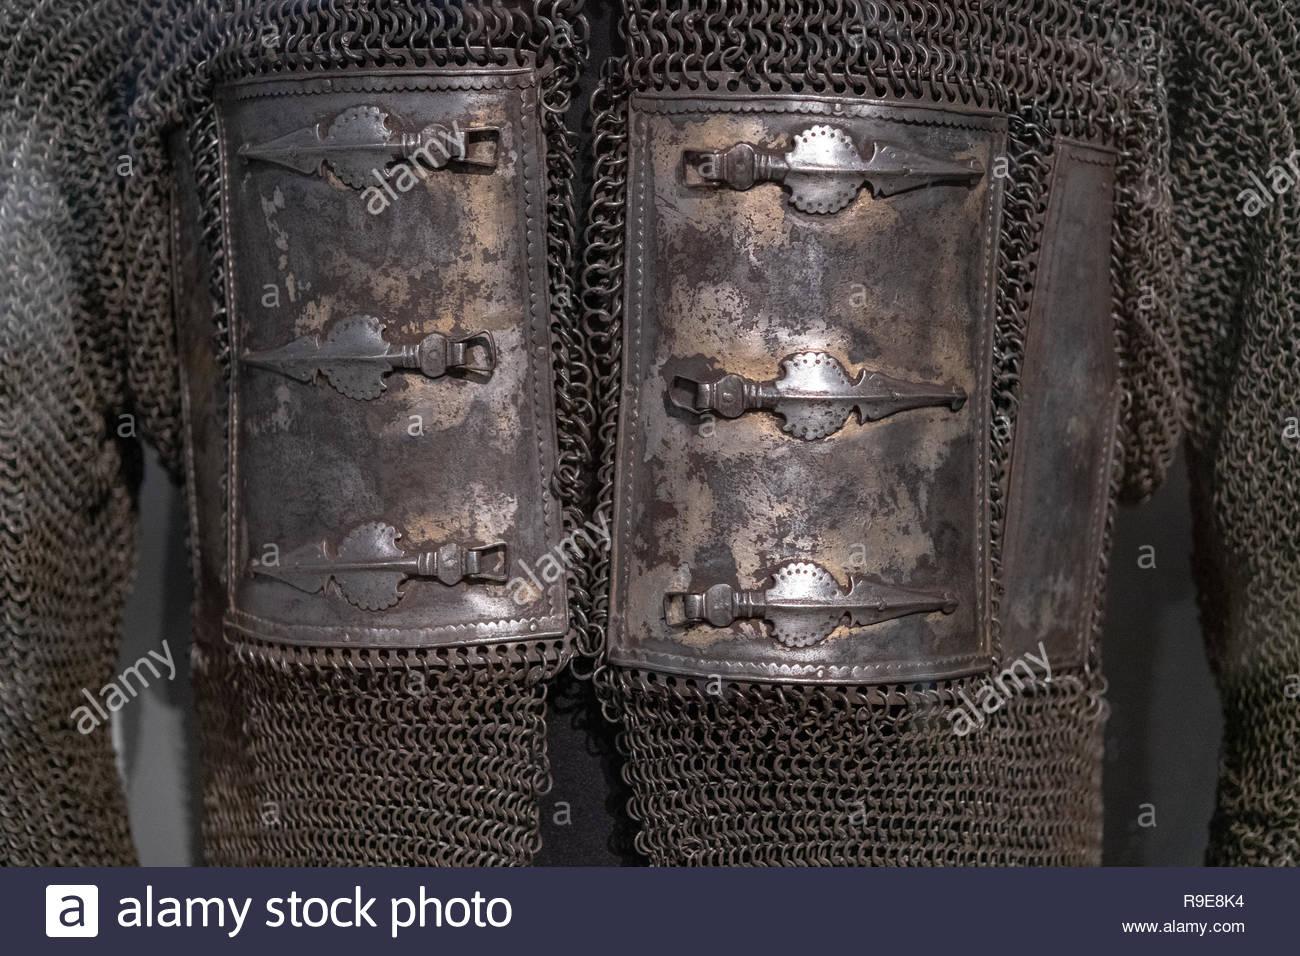 Eine antike hybrid Rüstung. Metallische Platten und Mail, die militärische Objekt bot Schutz und Flexibilität zu Soldaten und Krieger der pa Stockbild